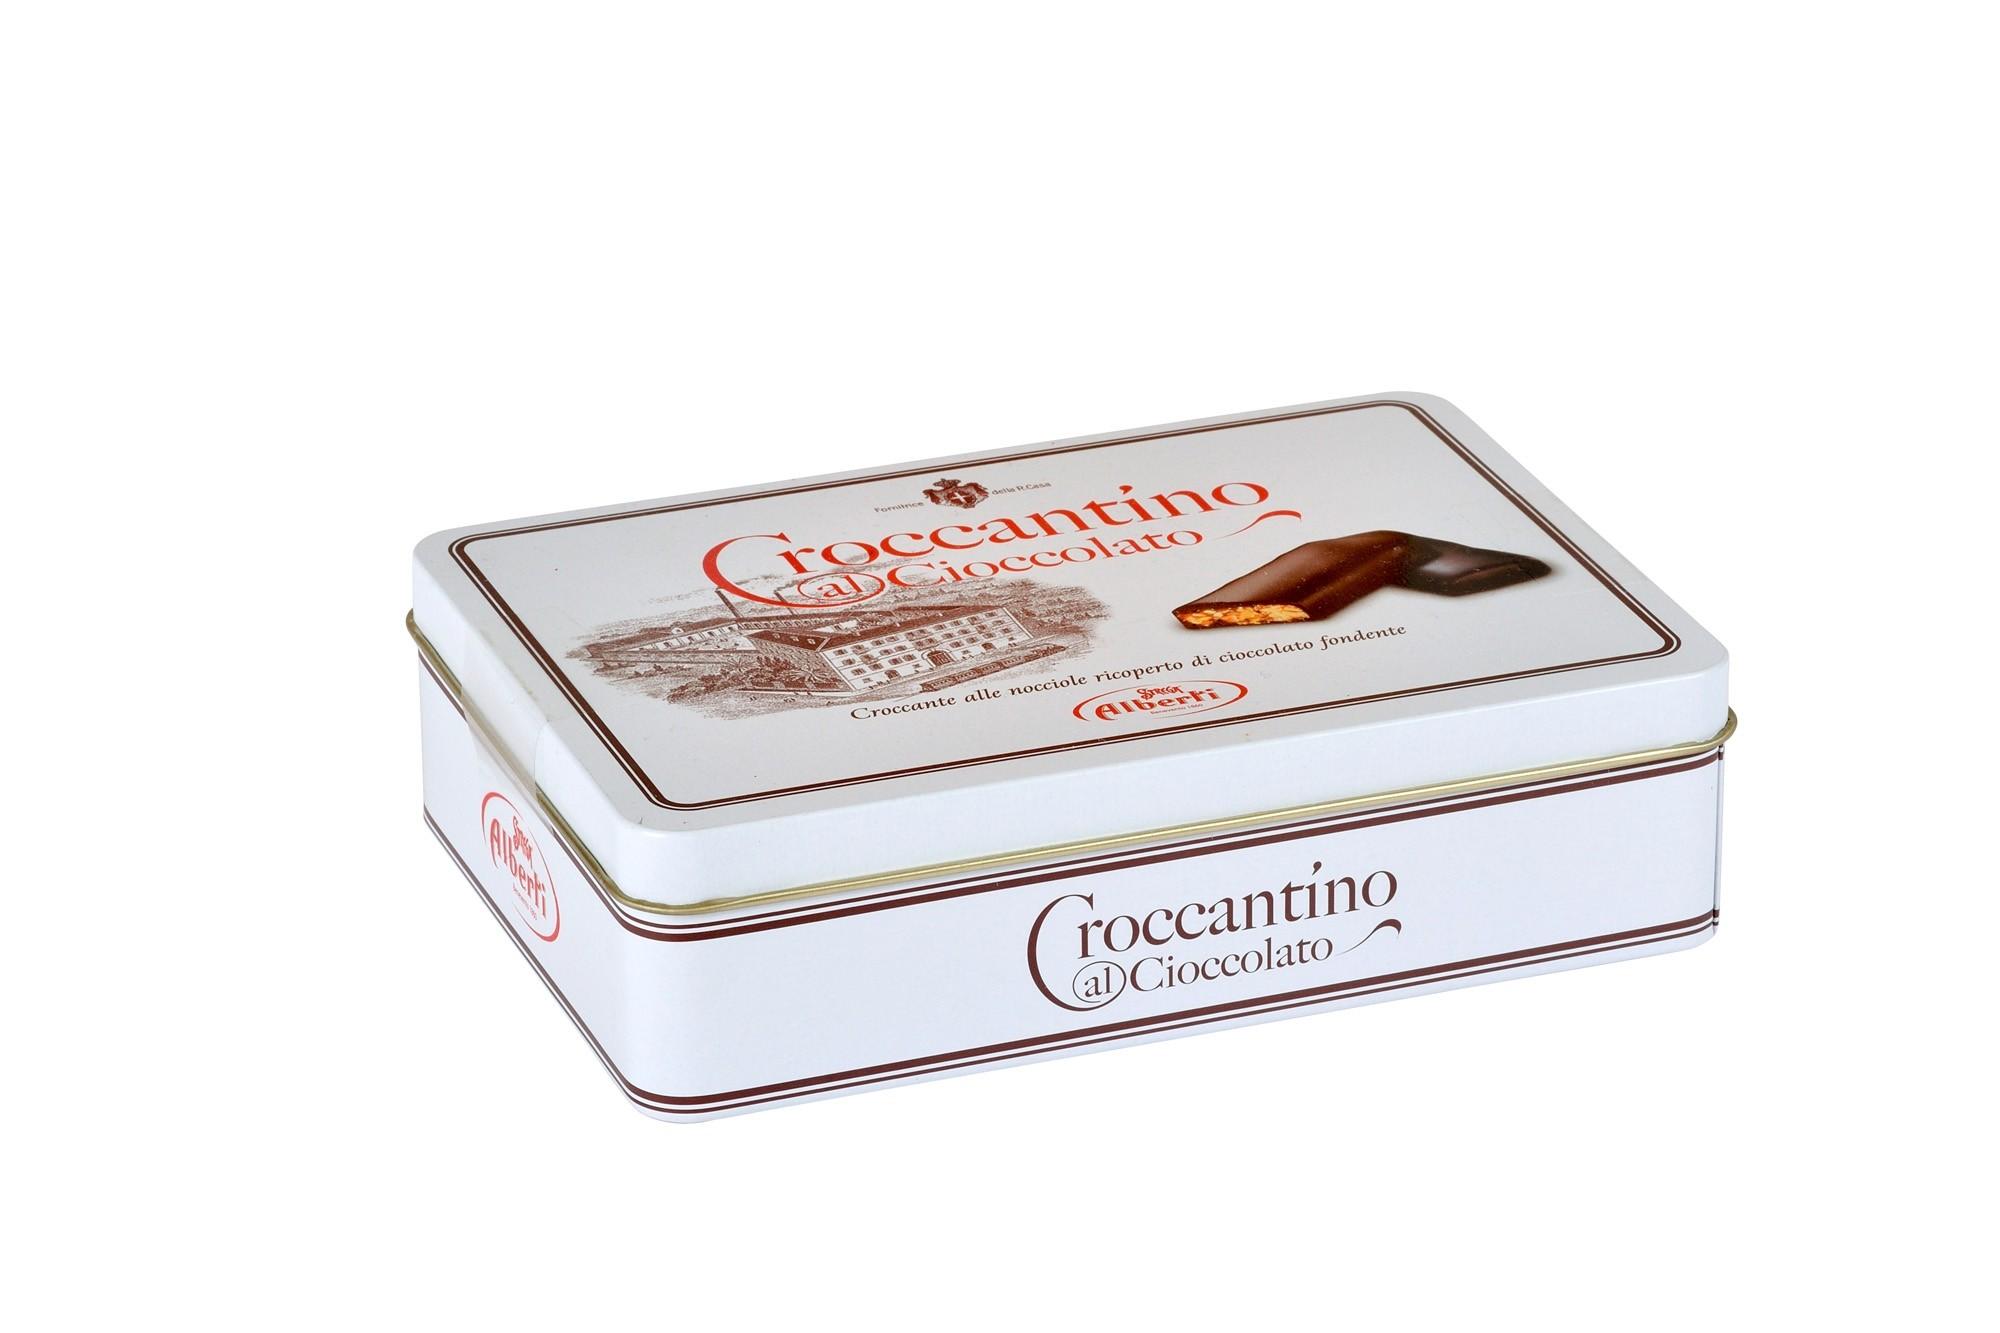 Croccantino al Cioccolato 200g Latta